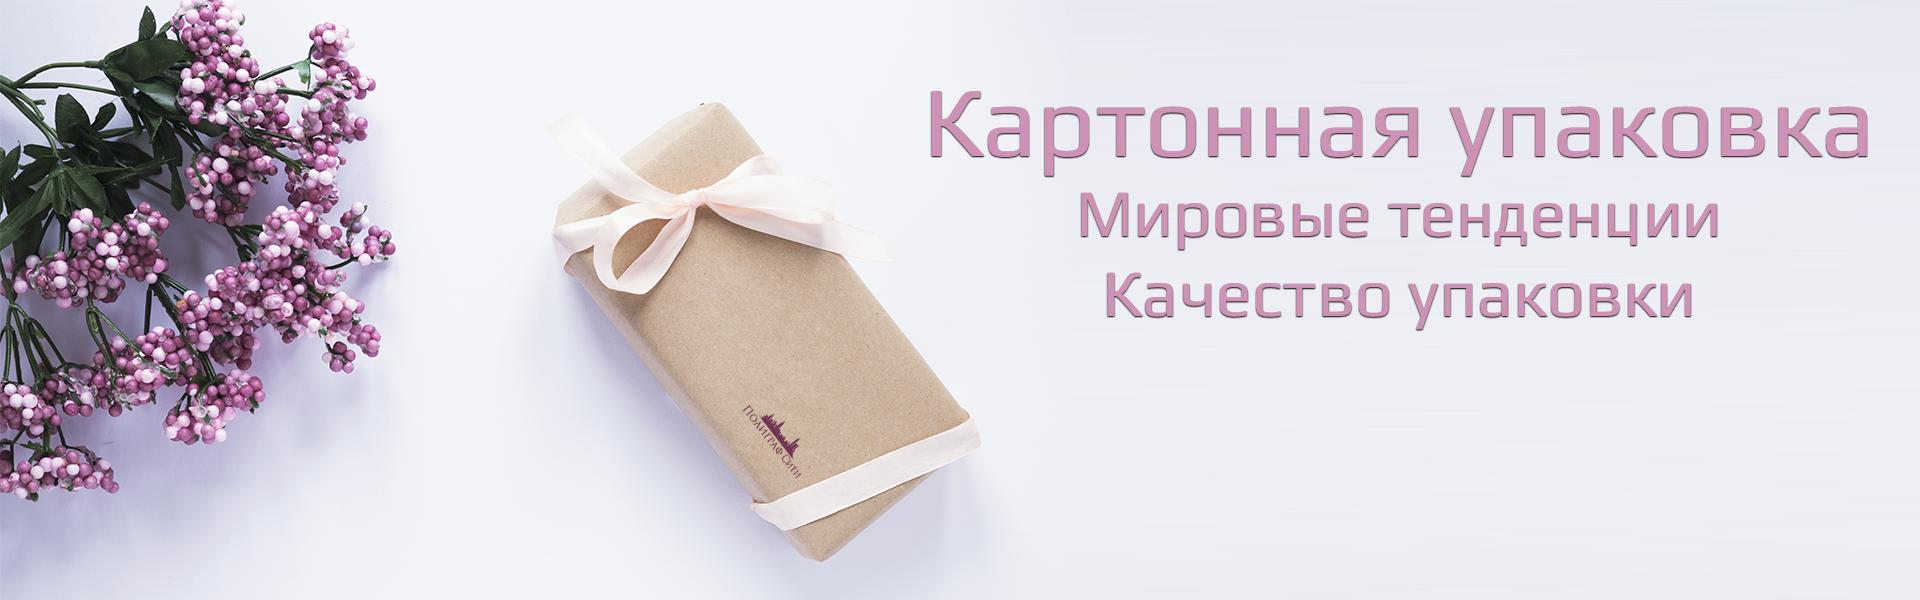 Изготовление картонной упаковки Киев